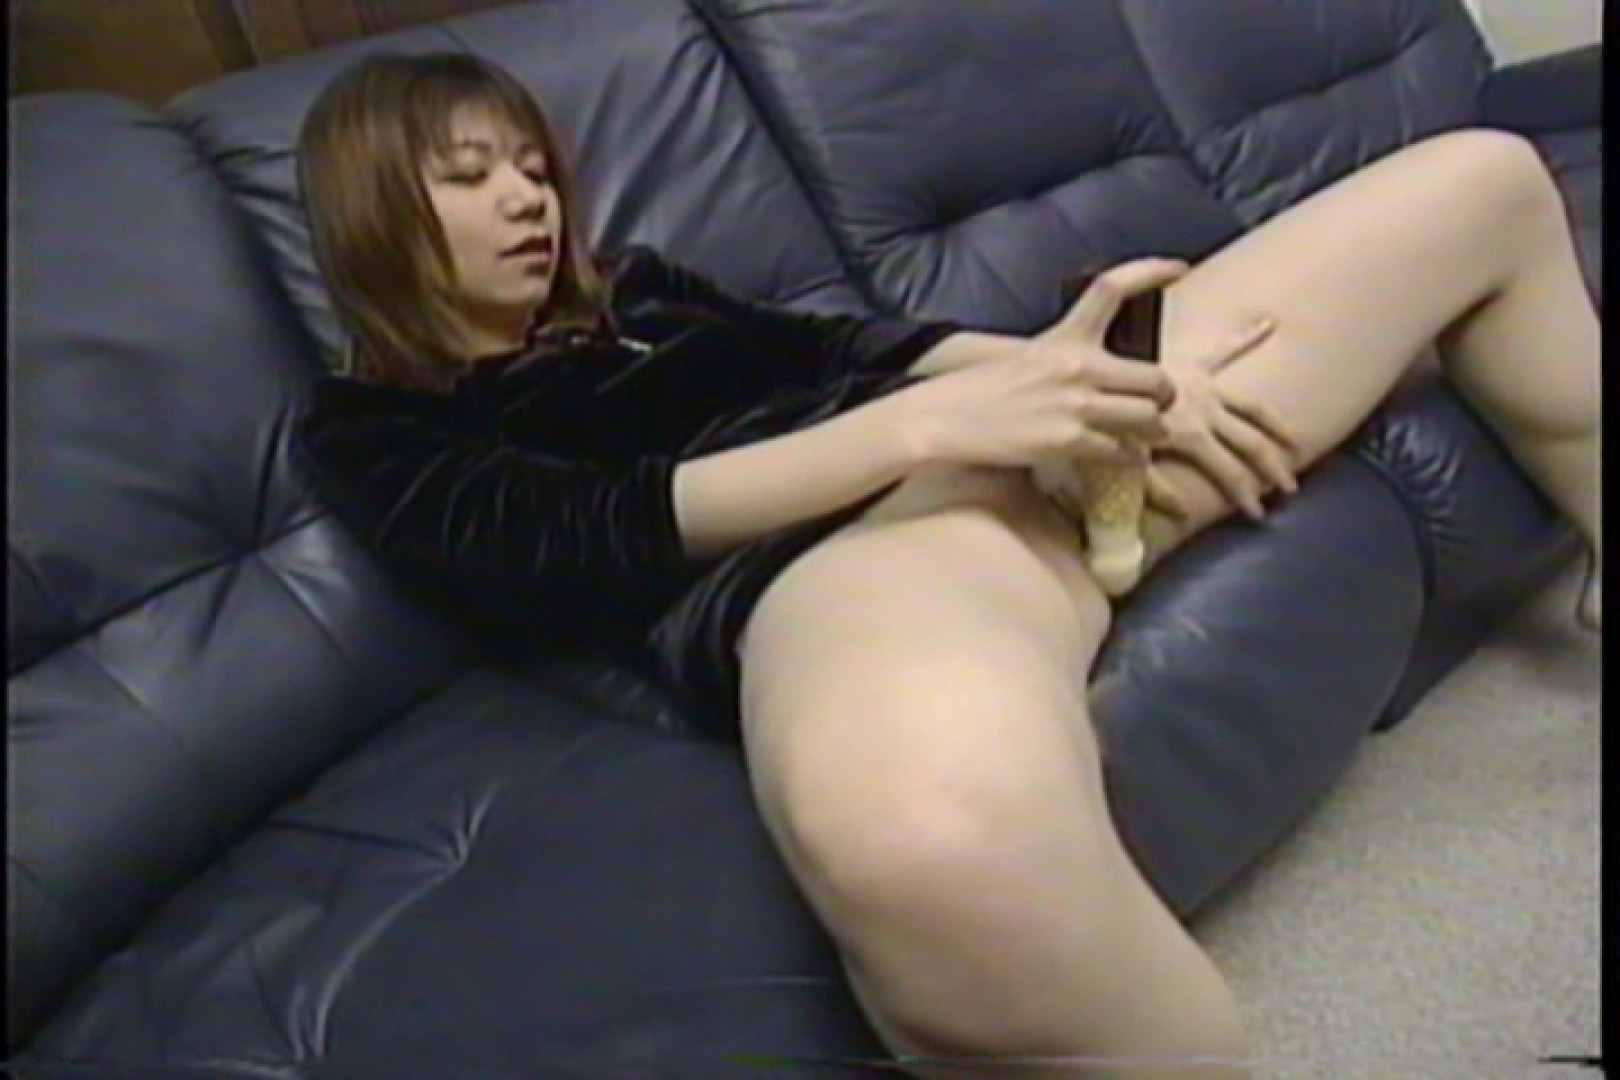 かわいい人妻、巨乳が疼いて止まらない~飯島れいか~ オナニー映像 おまんこ動画流出 93枚 47